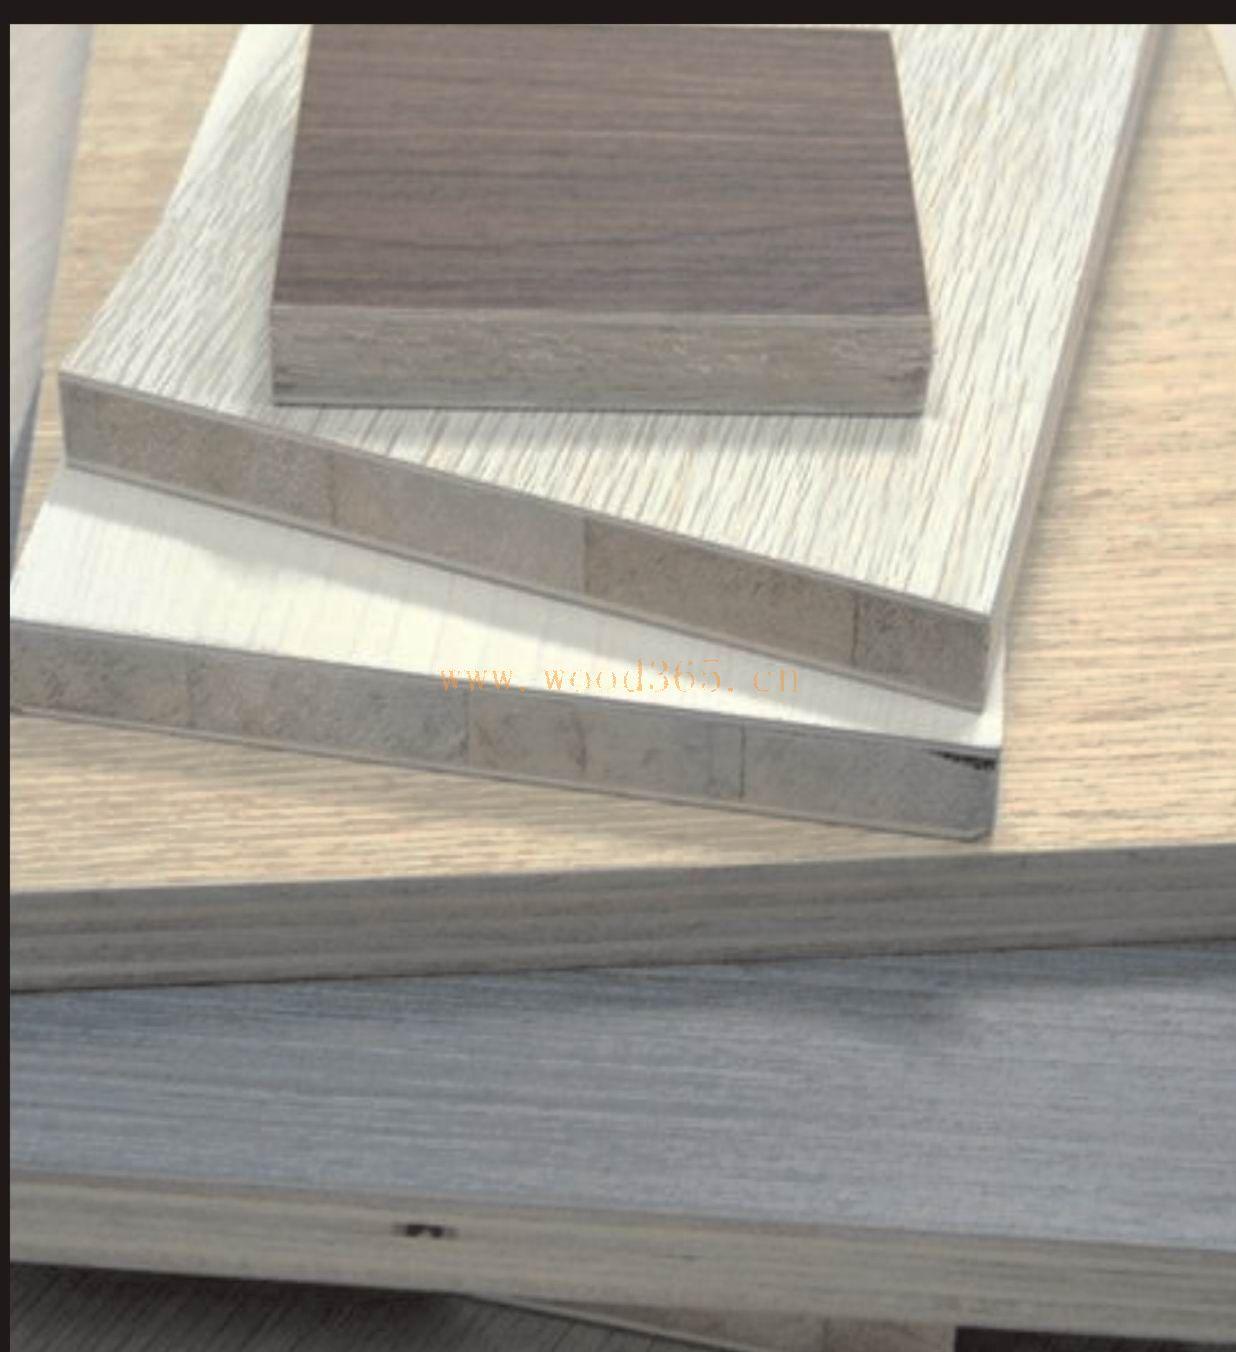 实木多层板贴面,实木板贴三聚氰胺,三聚氰胺贴实木板